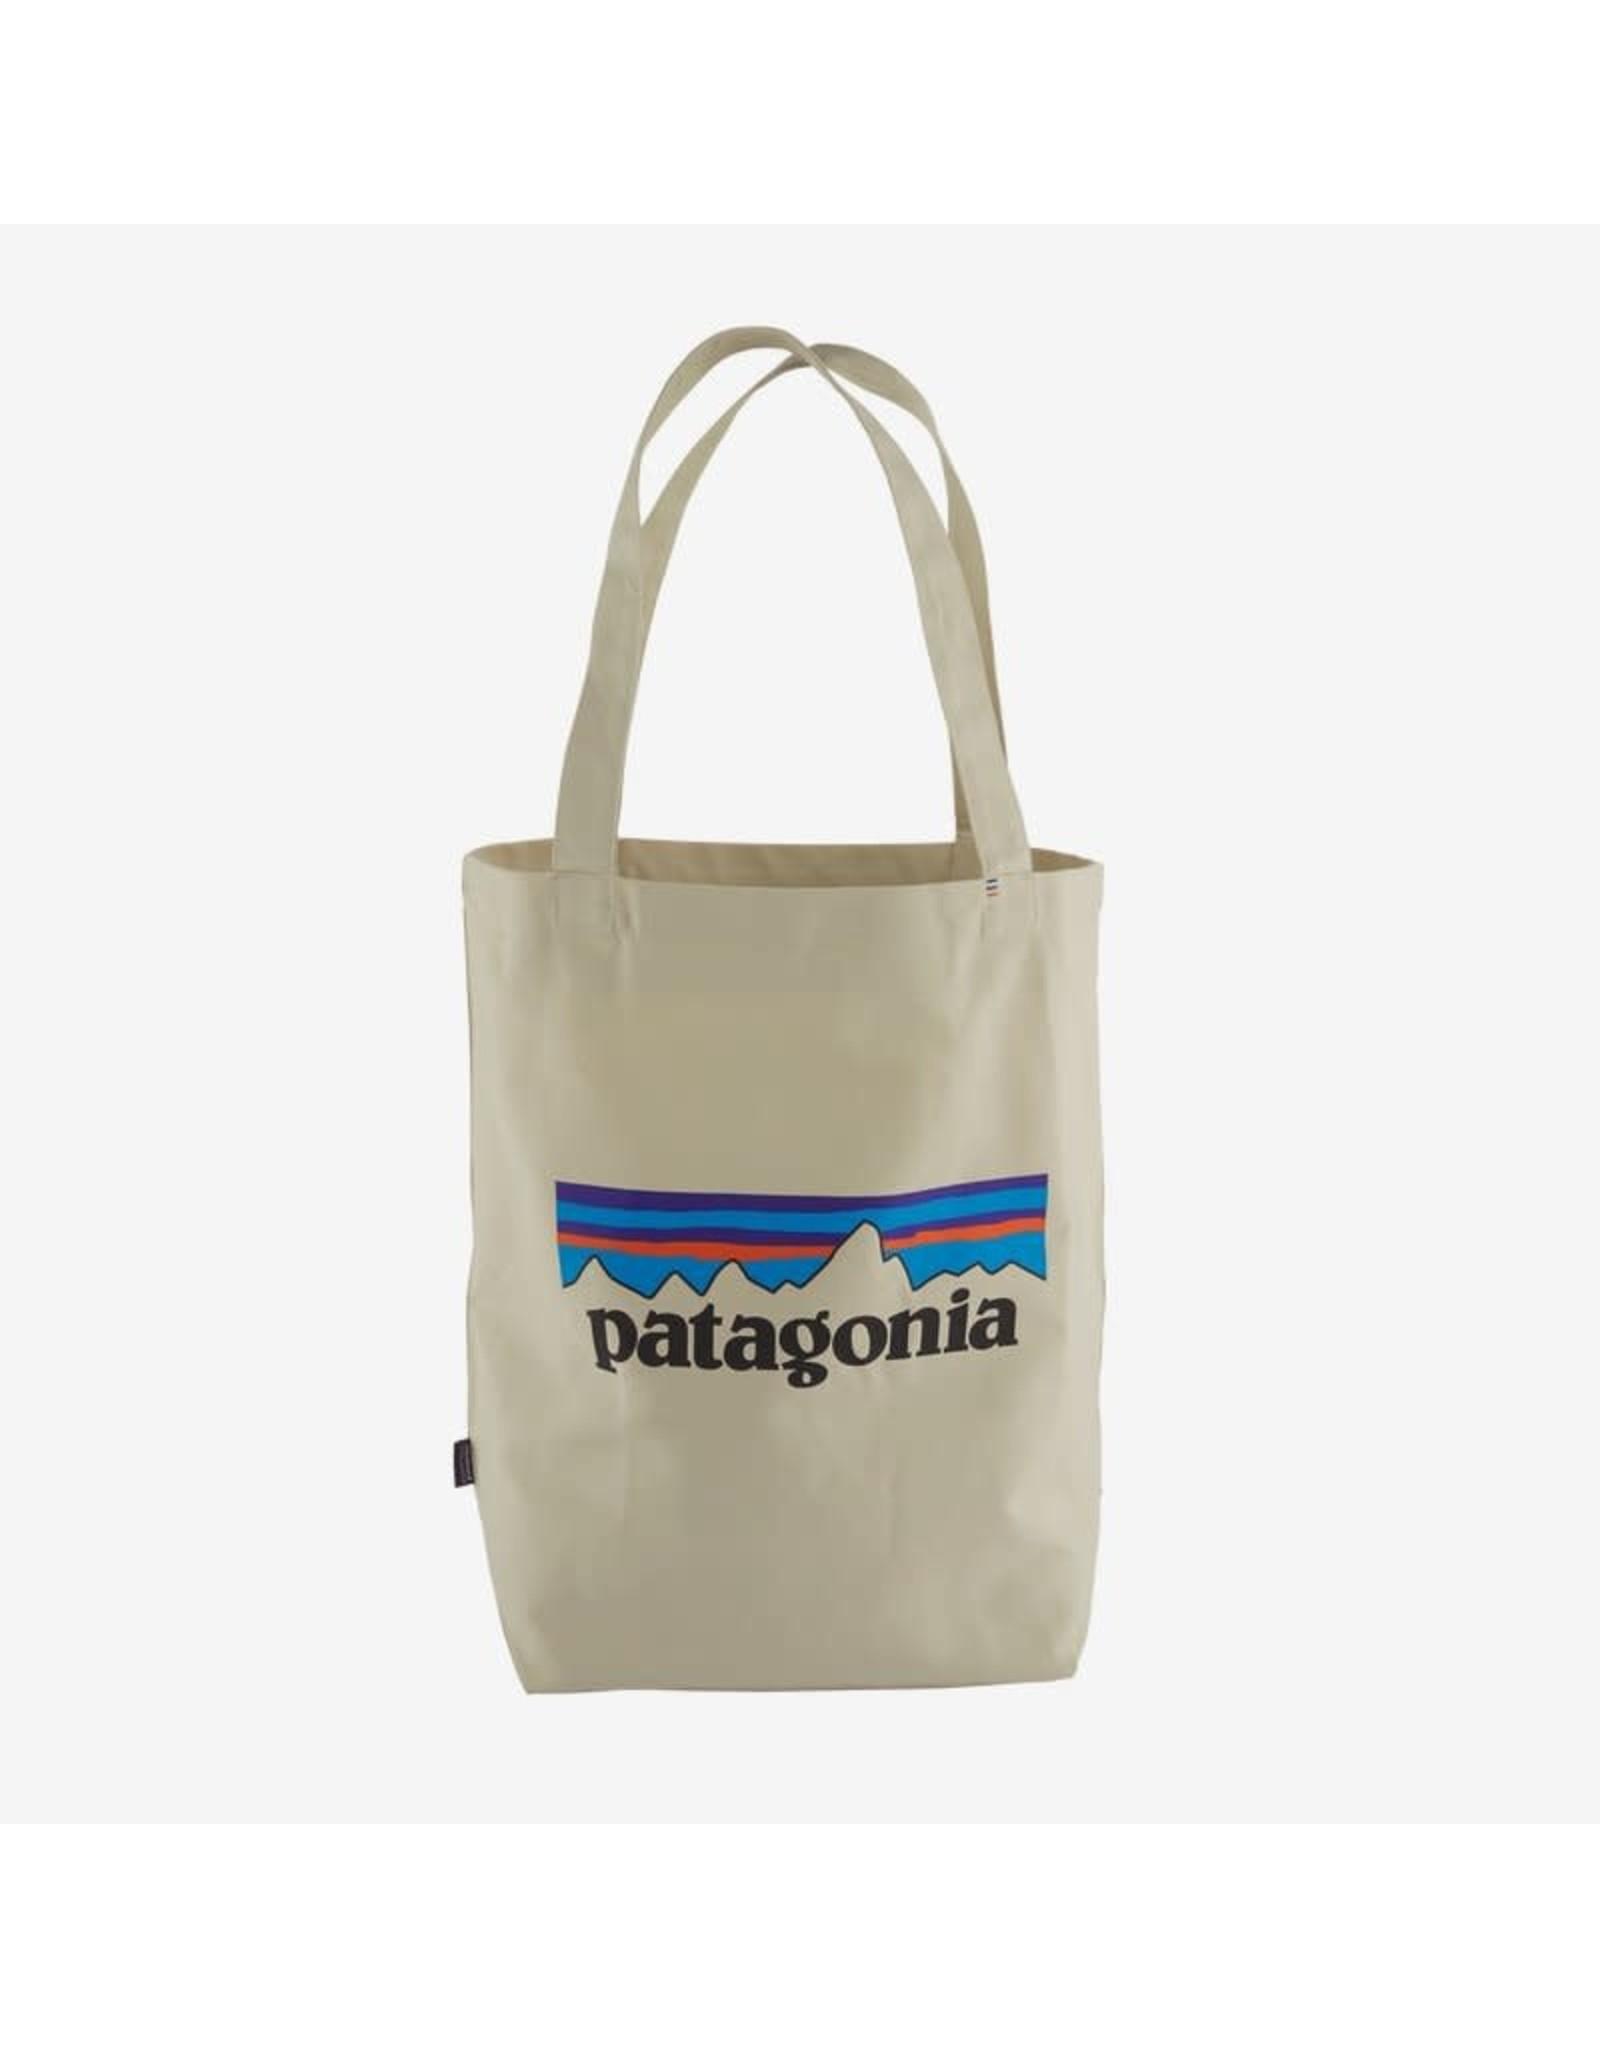 Patagonia Patagonia - Sac transport market tote p-6 logo bleached stone